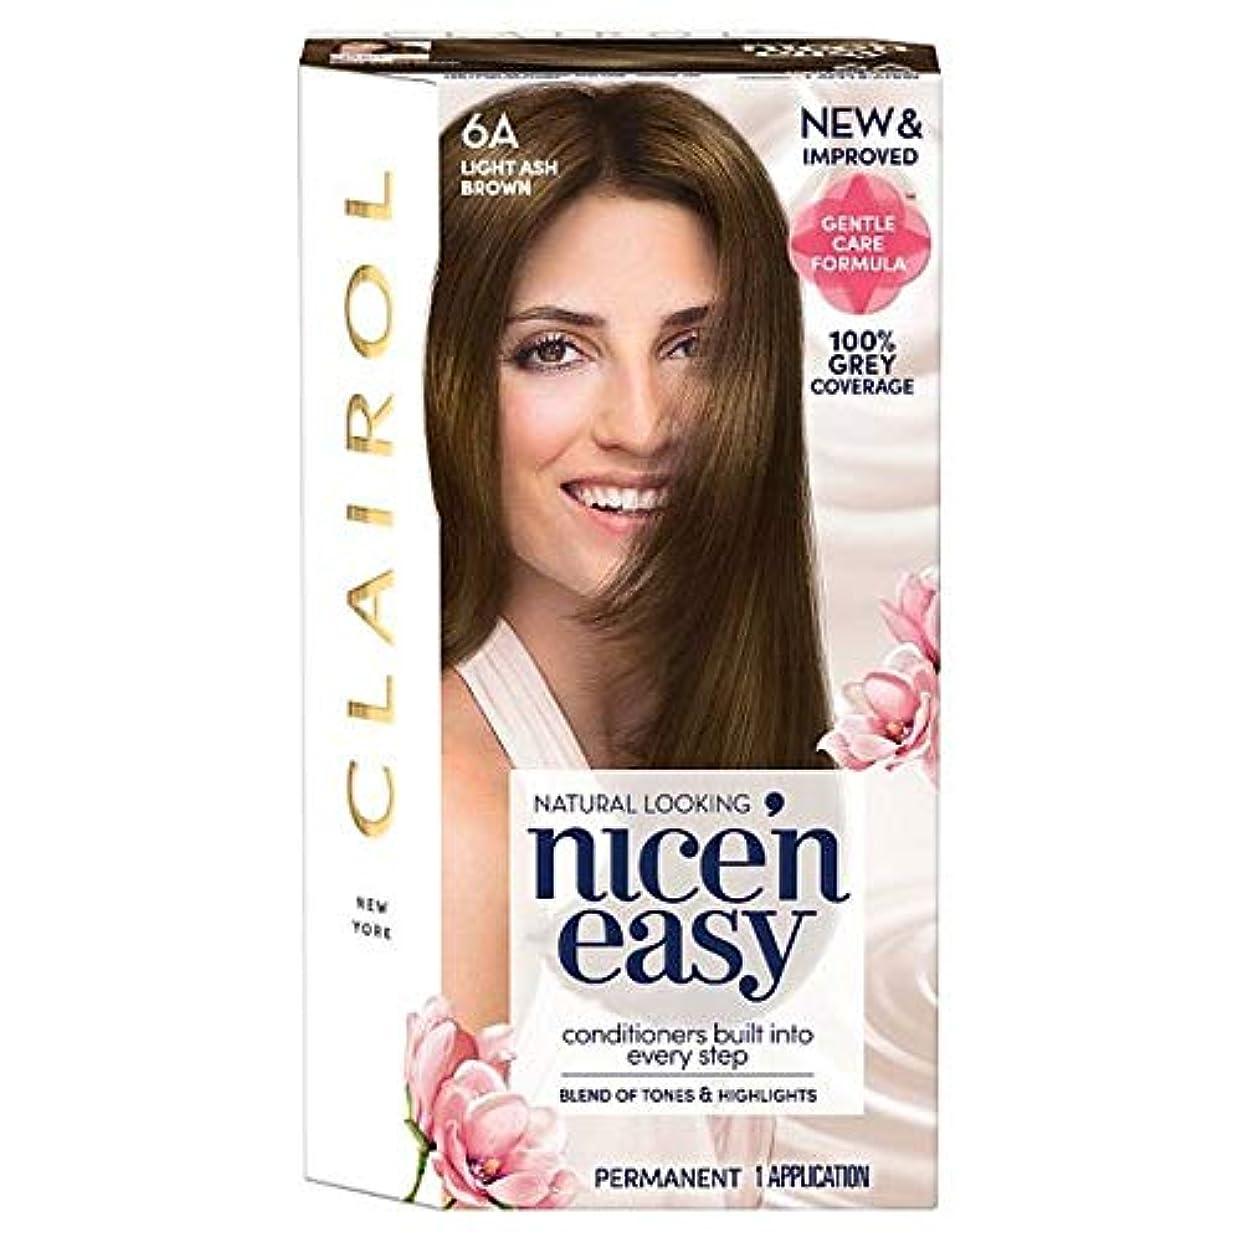 ビジョンカッターフルート[Nice'n Easy] クレイロール素敵な「N簡単軽灰褐色6Aの染毛剤 - Clairol Nice 'N Easy Light Ash Brown 6A Hair Dye [並行輸入品]